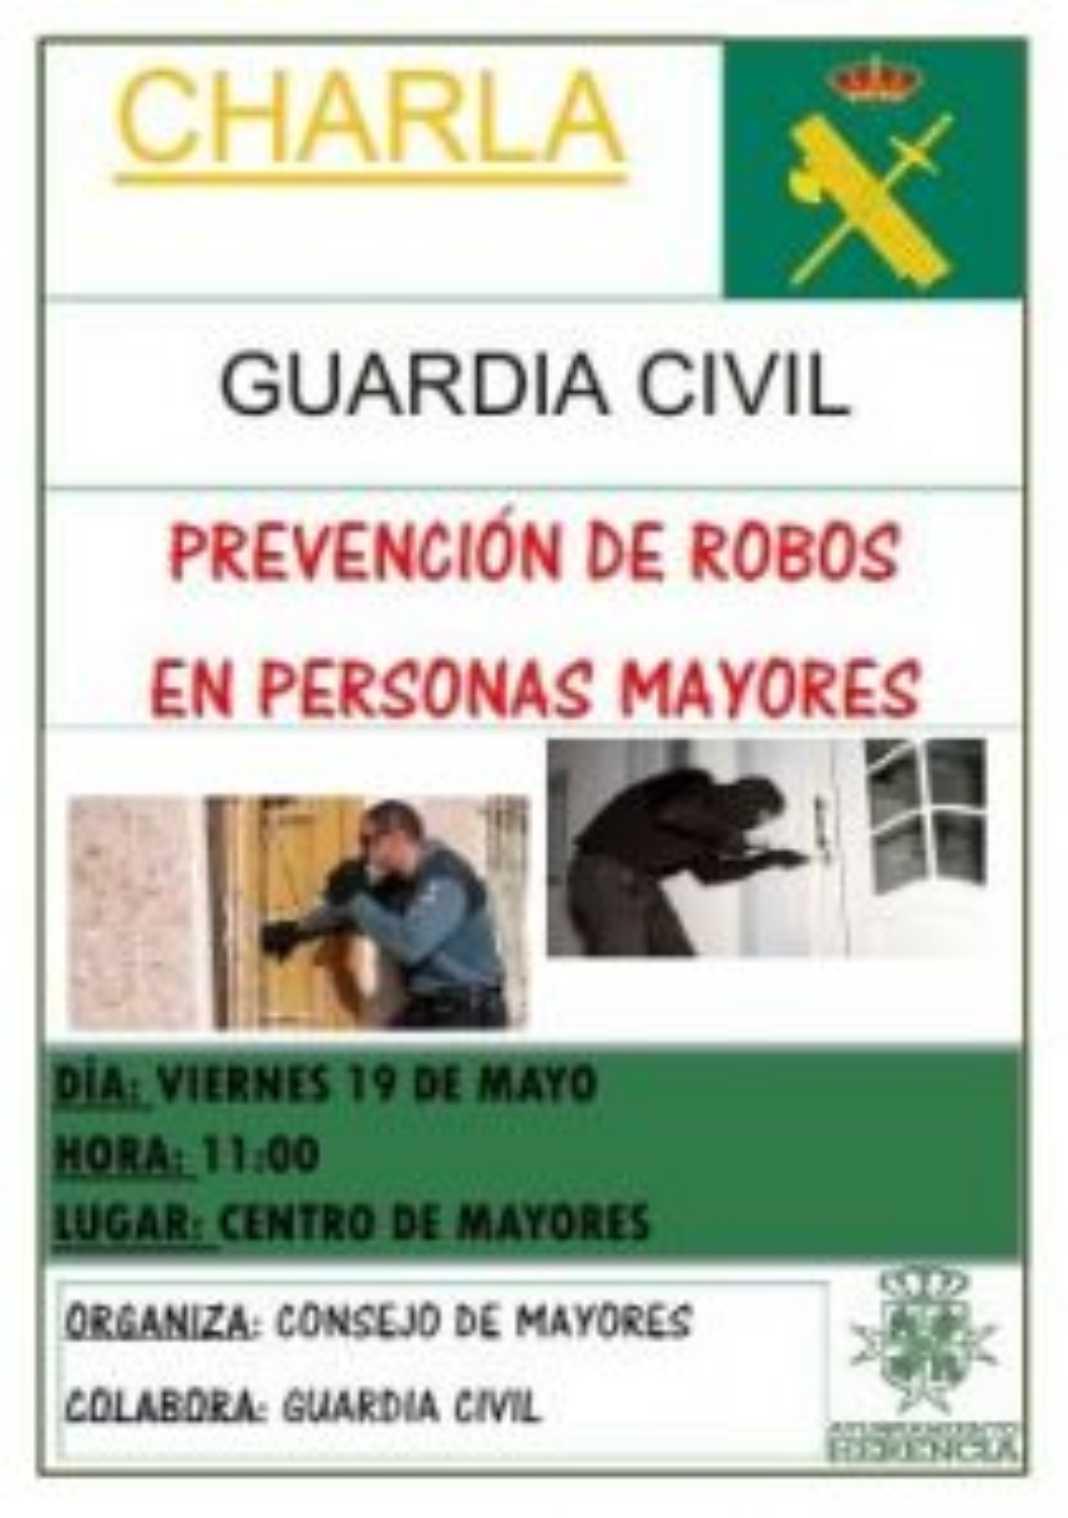 La Guardia Civil de Herencia realiza una charla para prevenir los robos 2